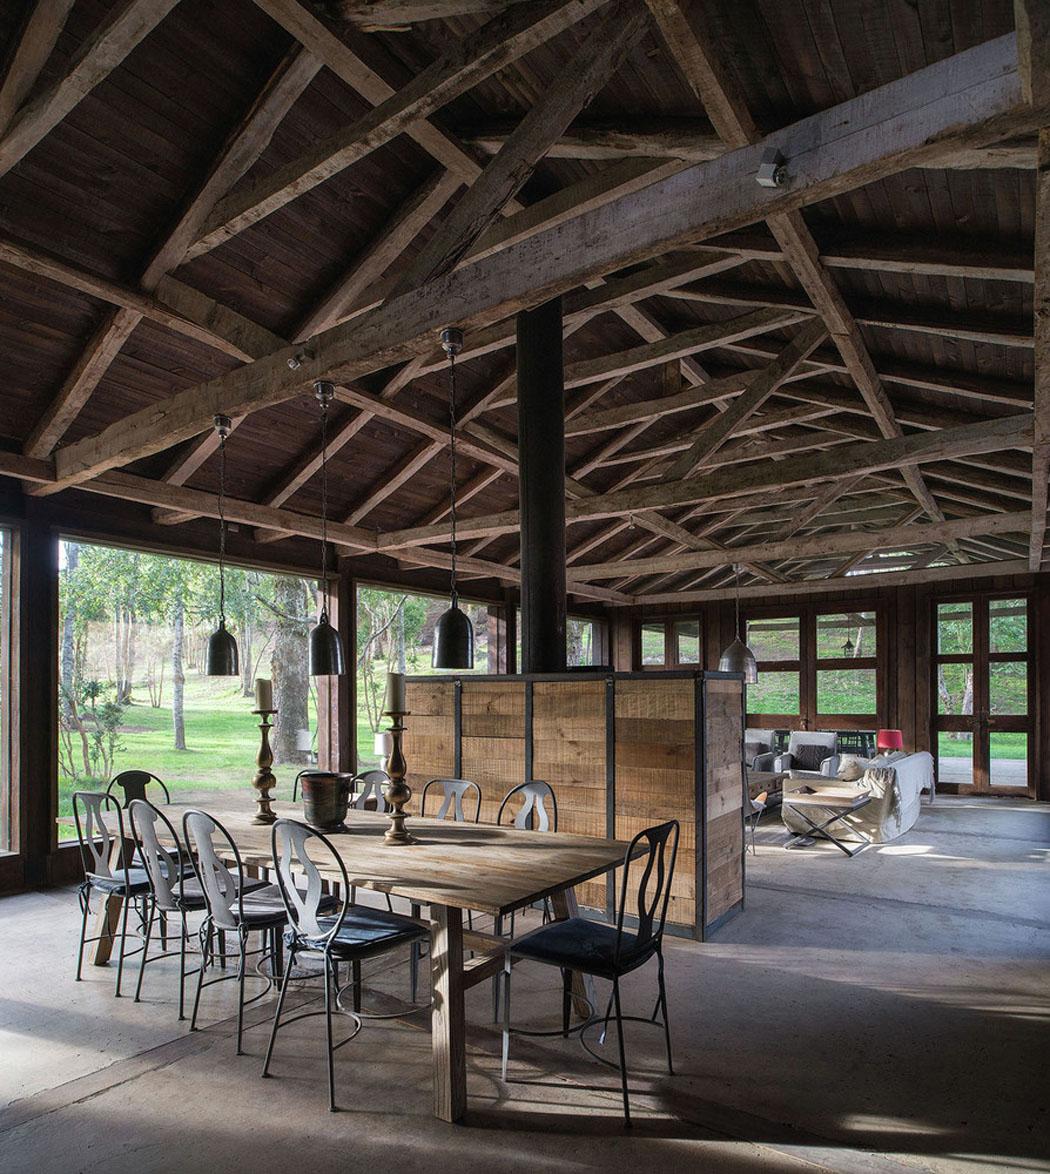 Interieur Rustic Moderne : Une grange en bois transformée jolie maison de vacances